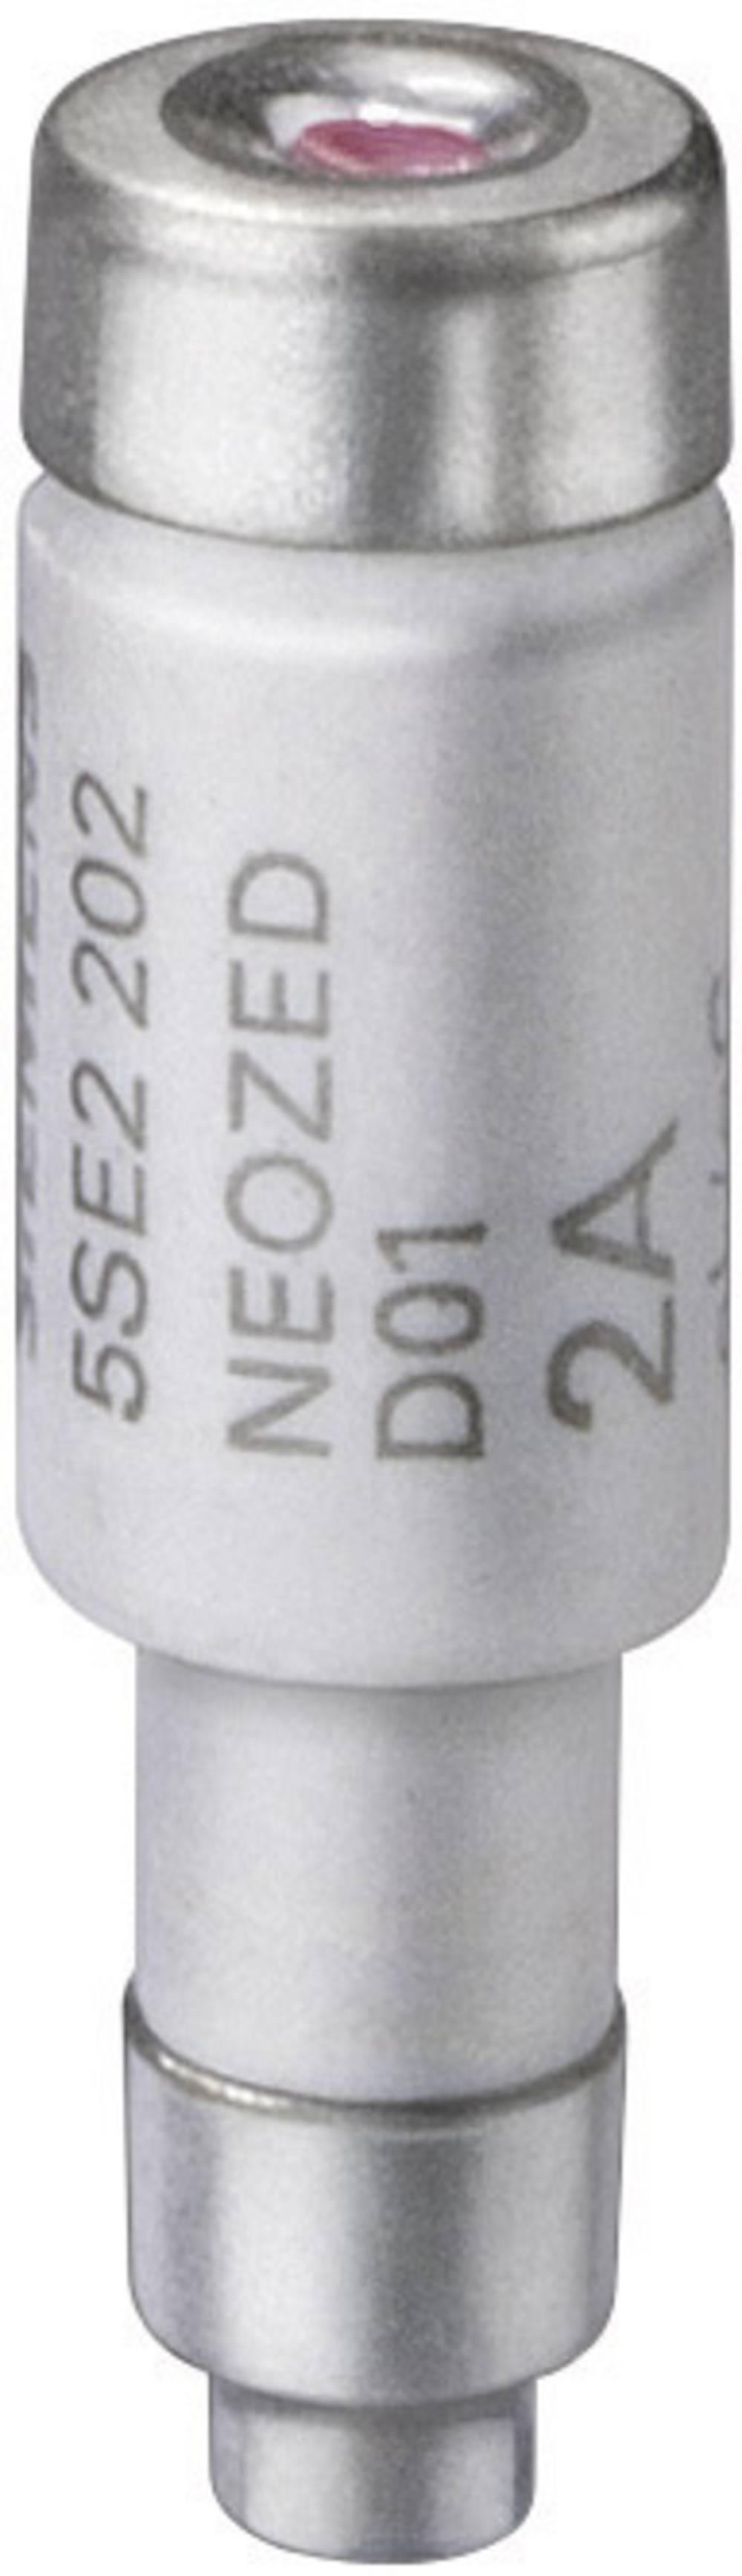 Neozed osigurač Siemens veličina osigurača = D01 10 A 5SE2310